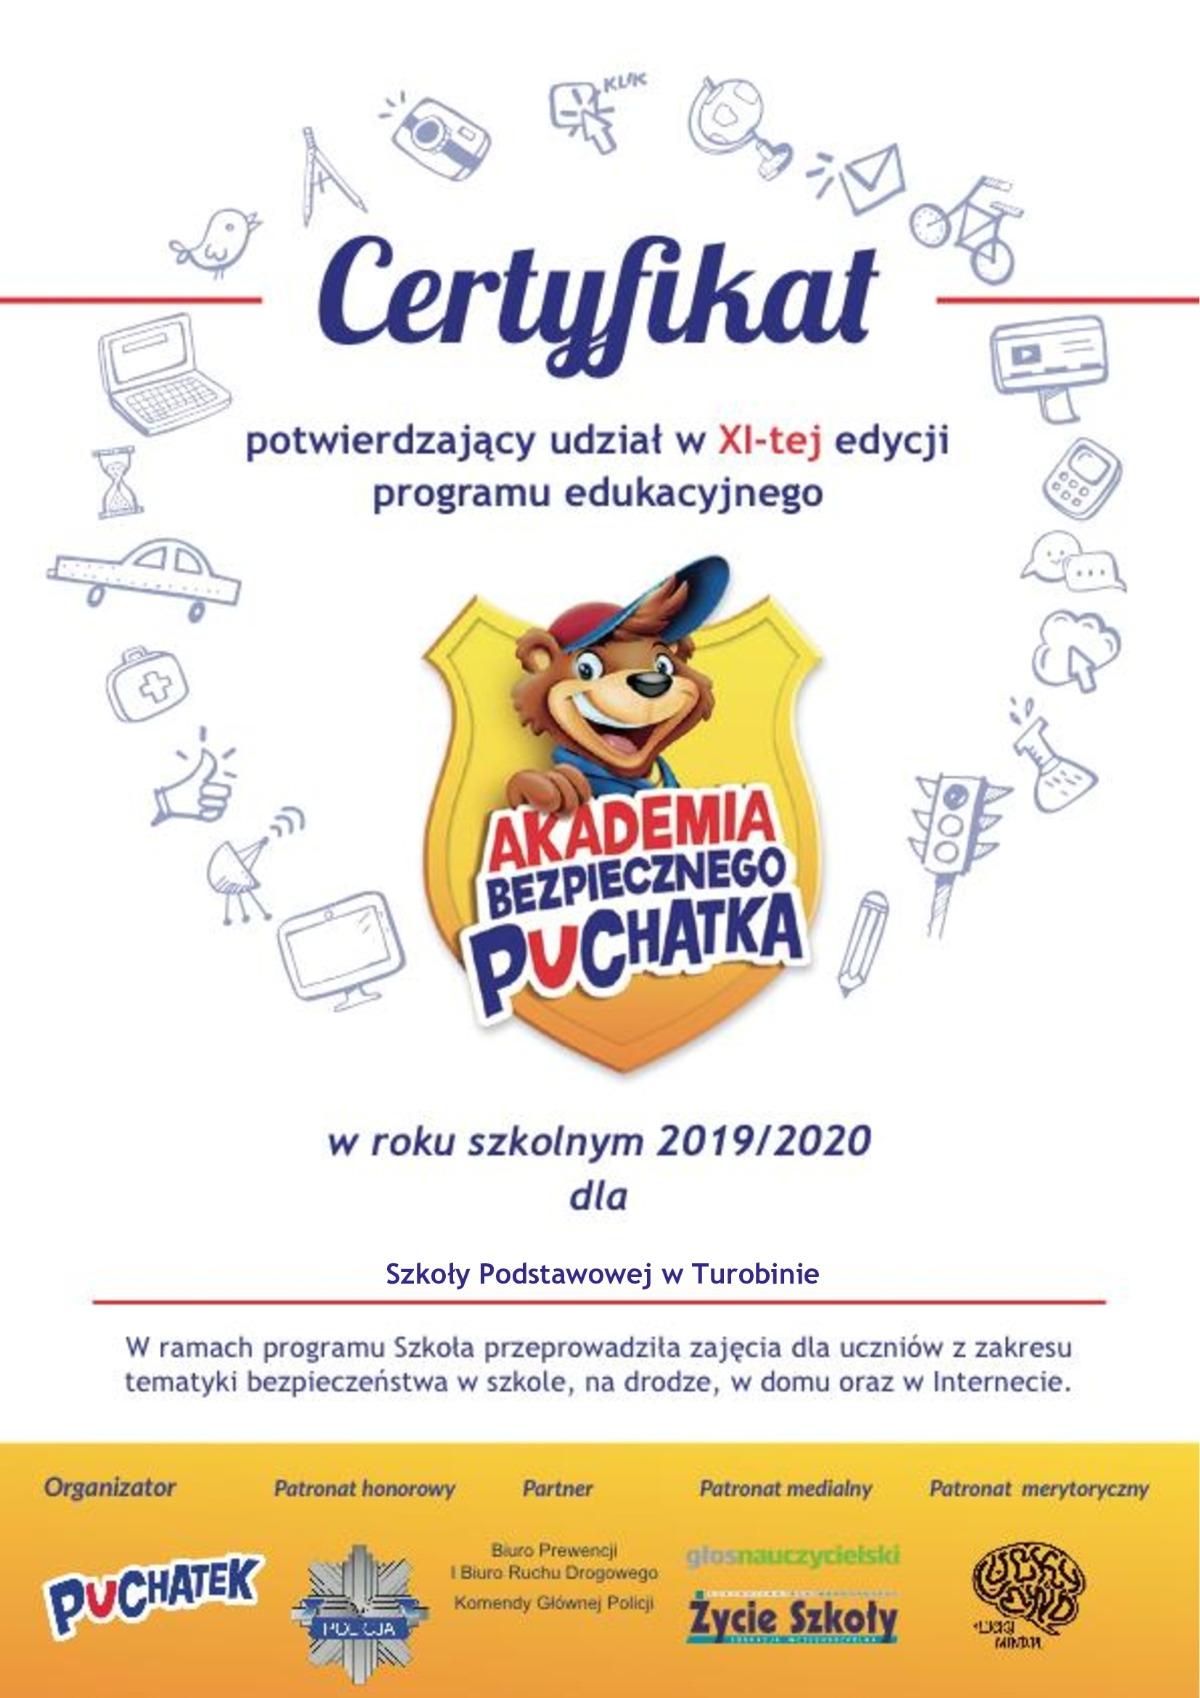 Certyfikat Akademii Bezpiecznego Puchatka